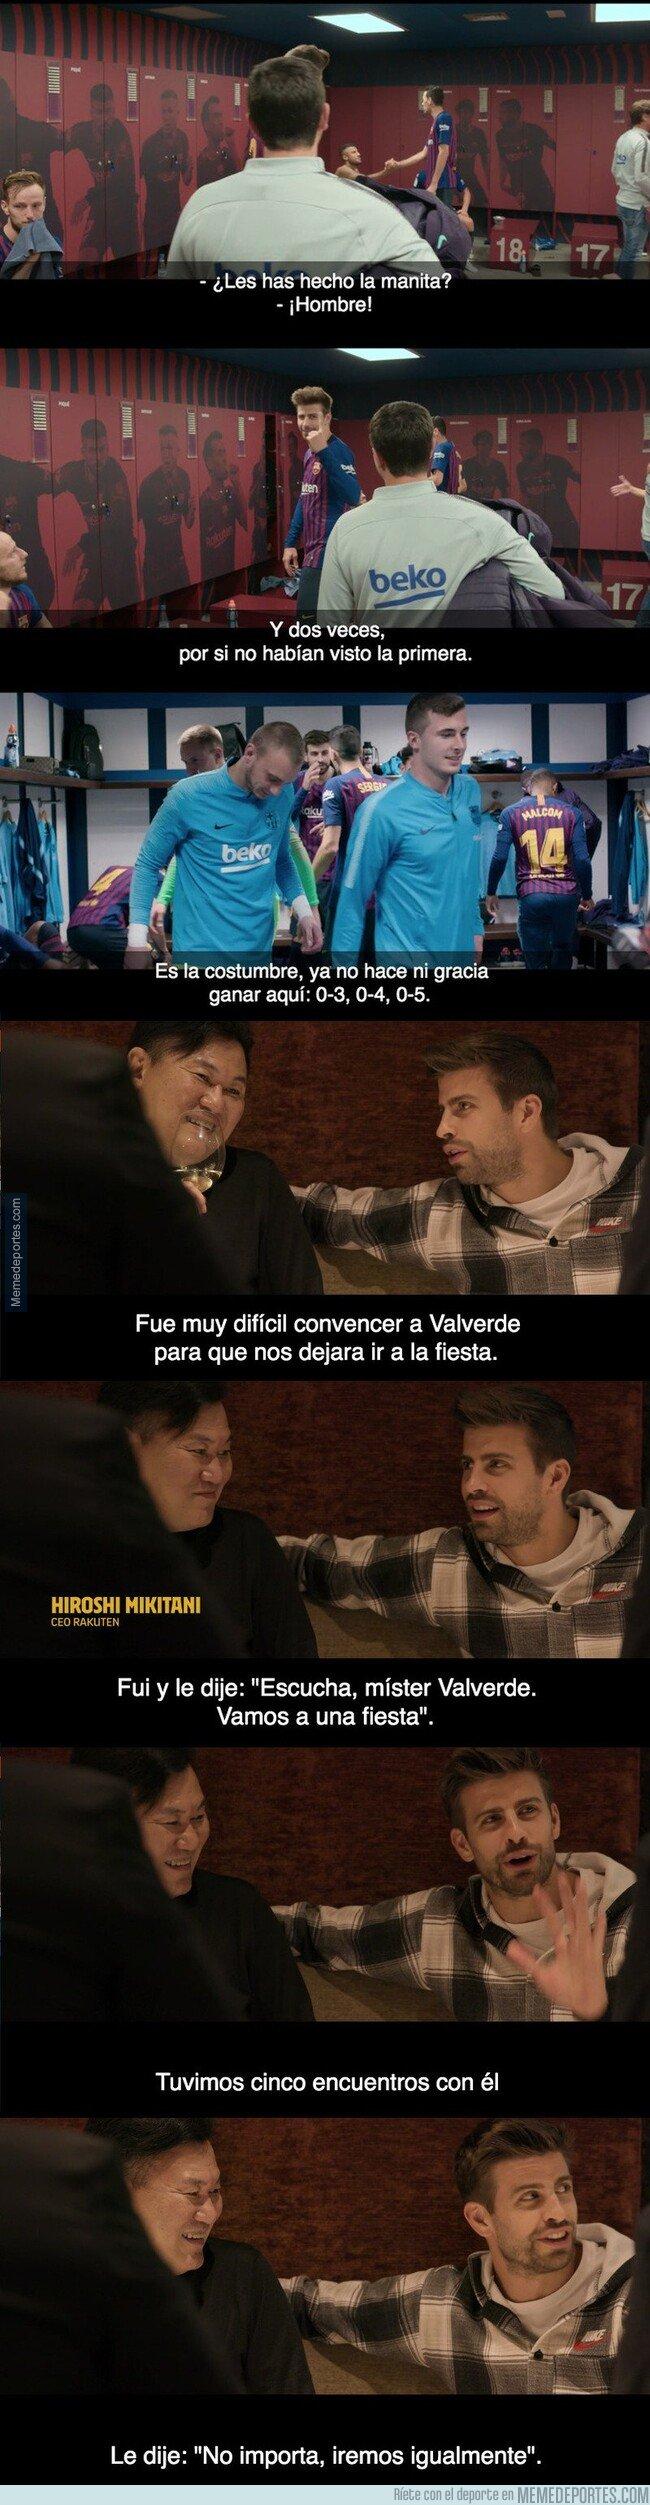 1092297 - Estas son las frases más polémicas que ha soltado Gerard Piqué en el documental del Barça en Rakuten TV